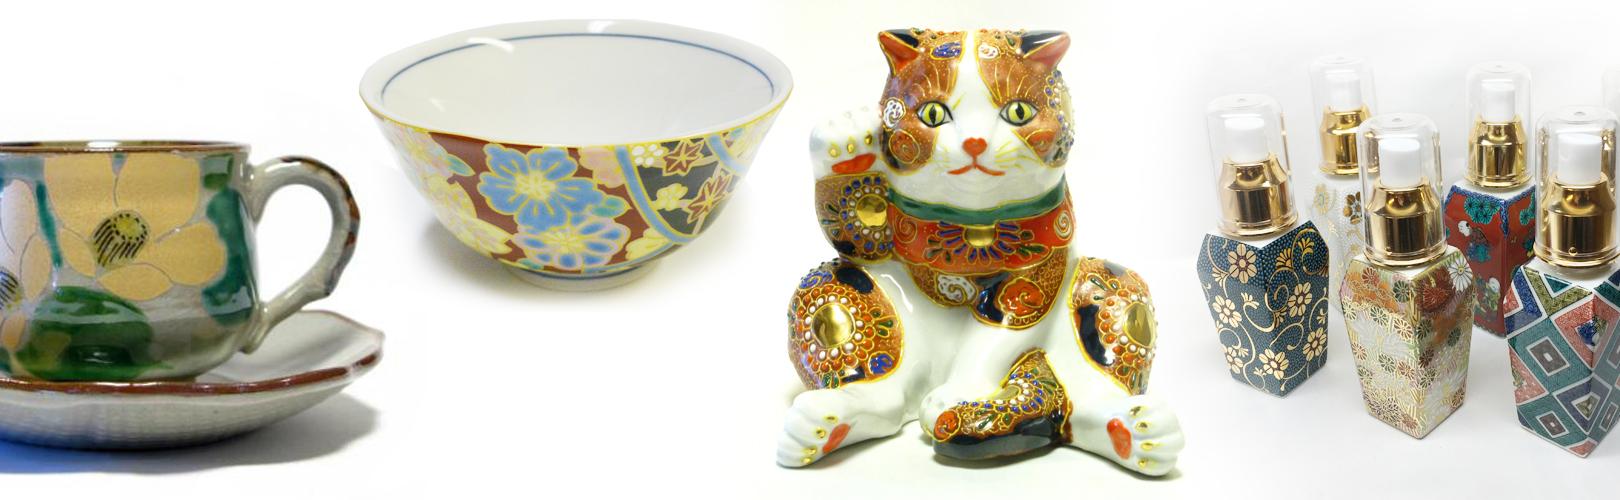 九谷焼の商品一例